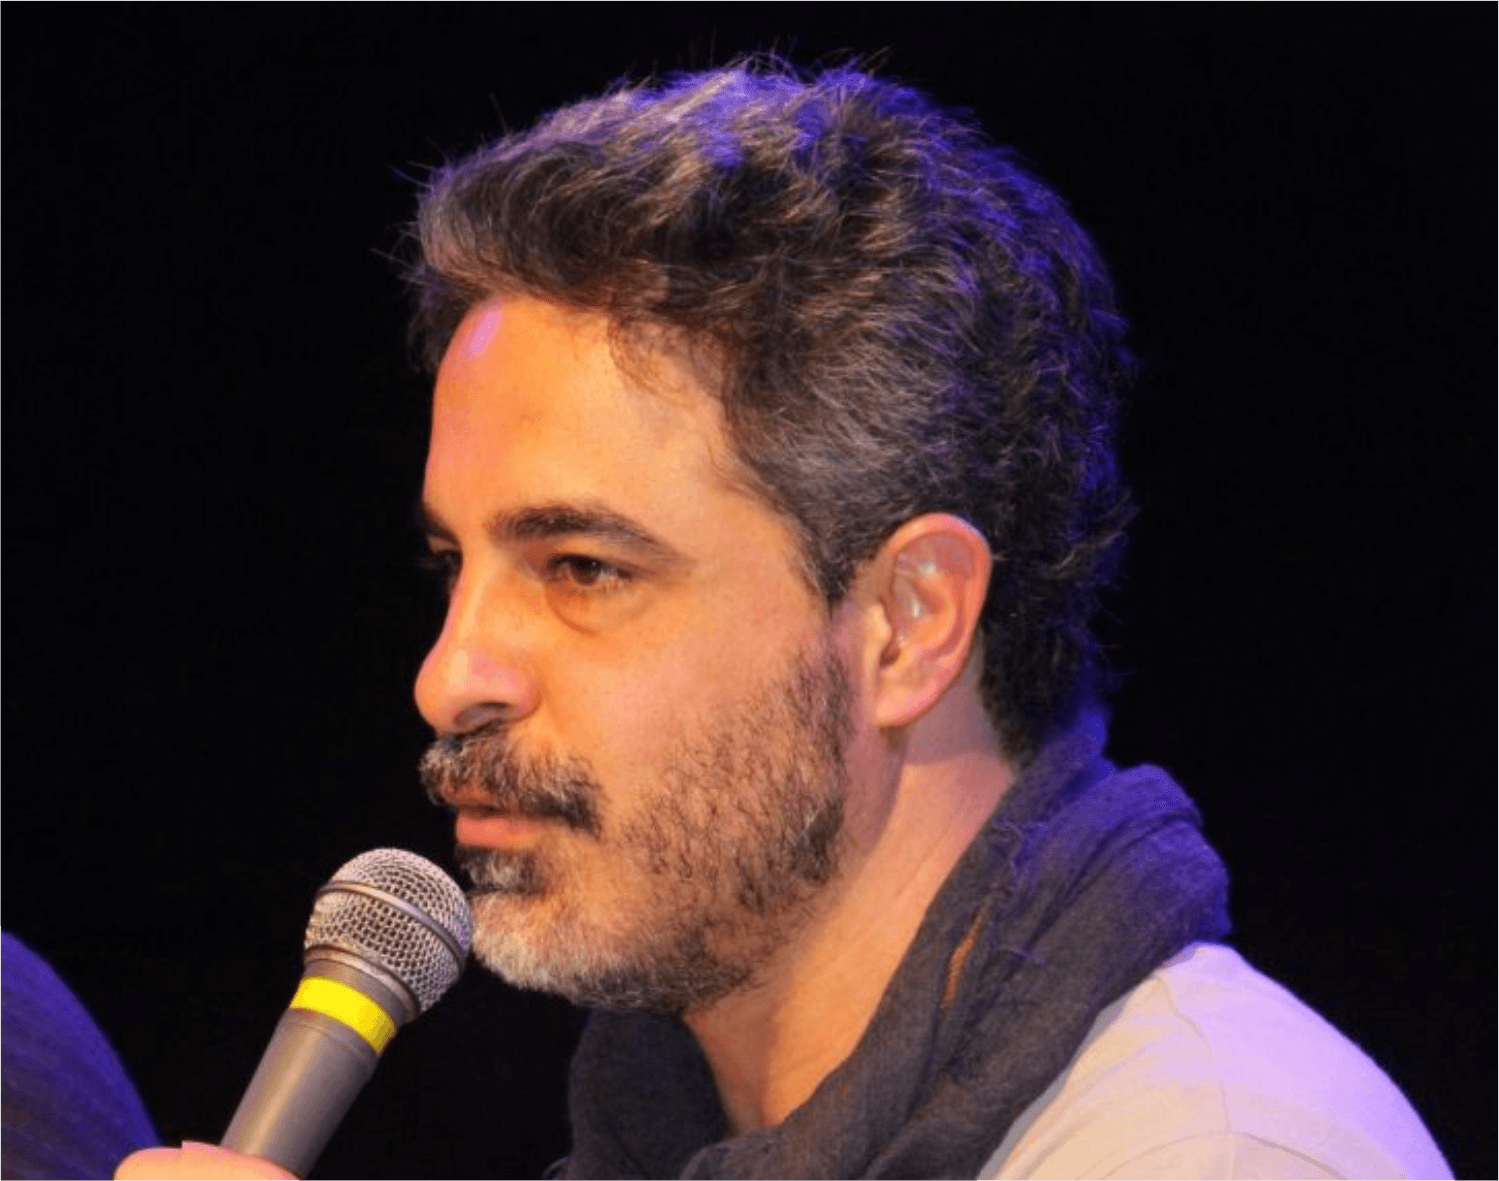 Arq. Urb. Caio Santo Amore de Carvalho (Peabiru TCA)